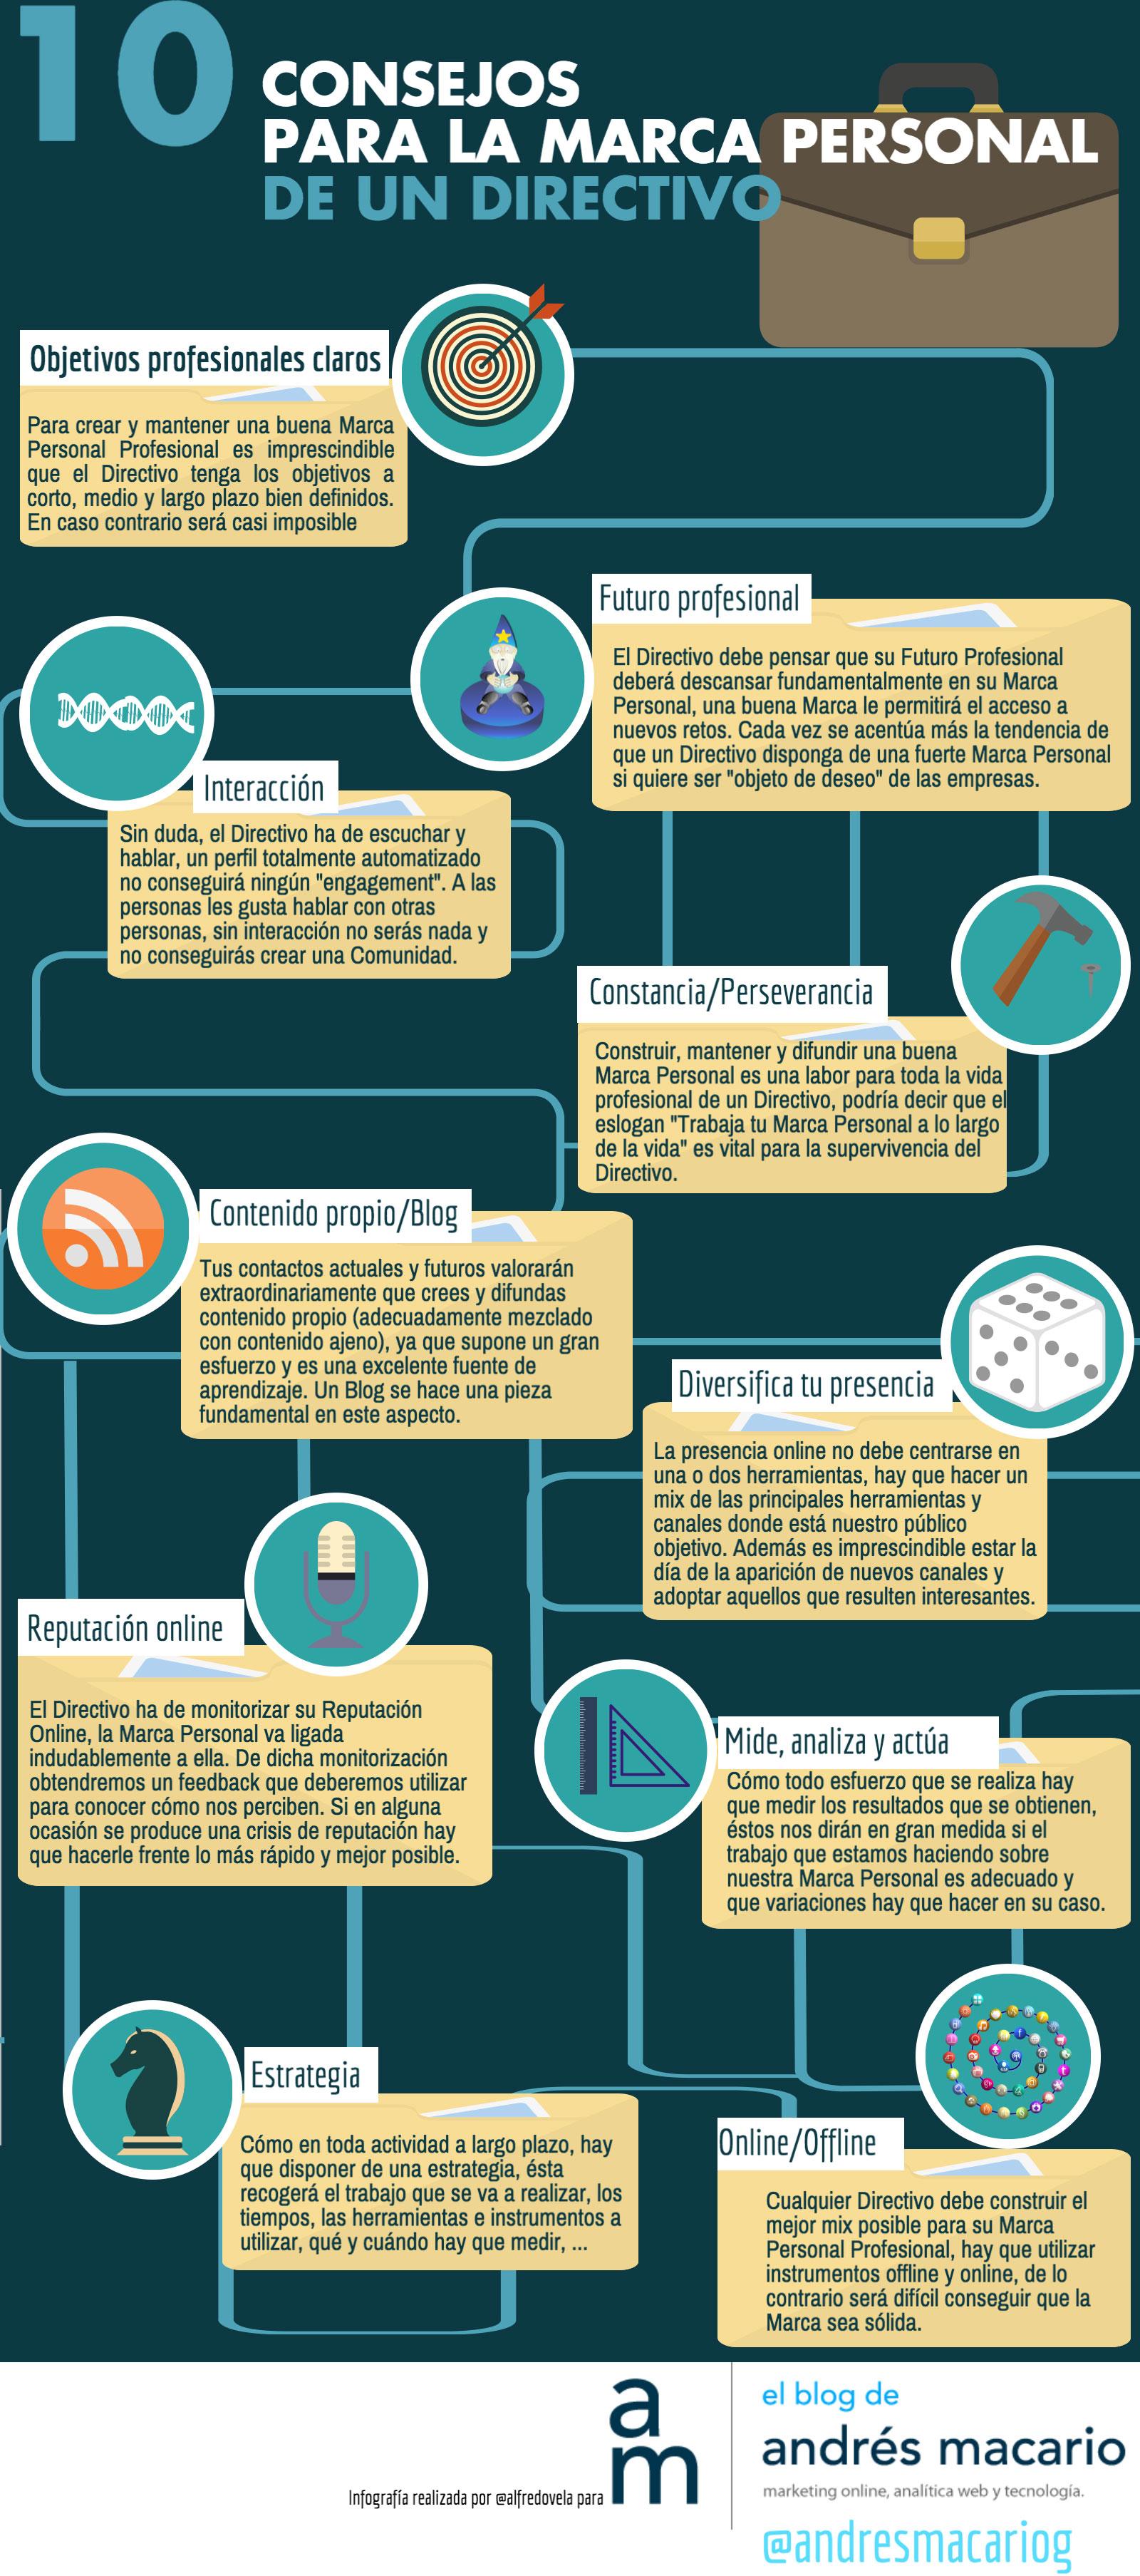 10-consejos-marca-personal-directivo